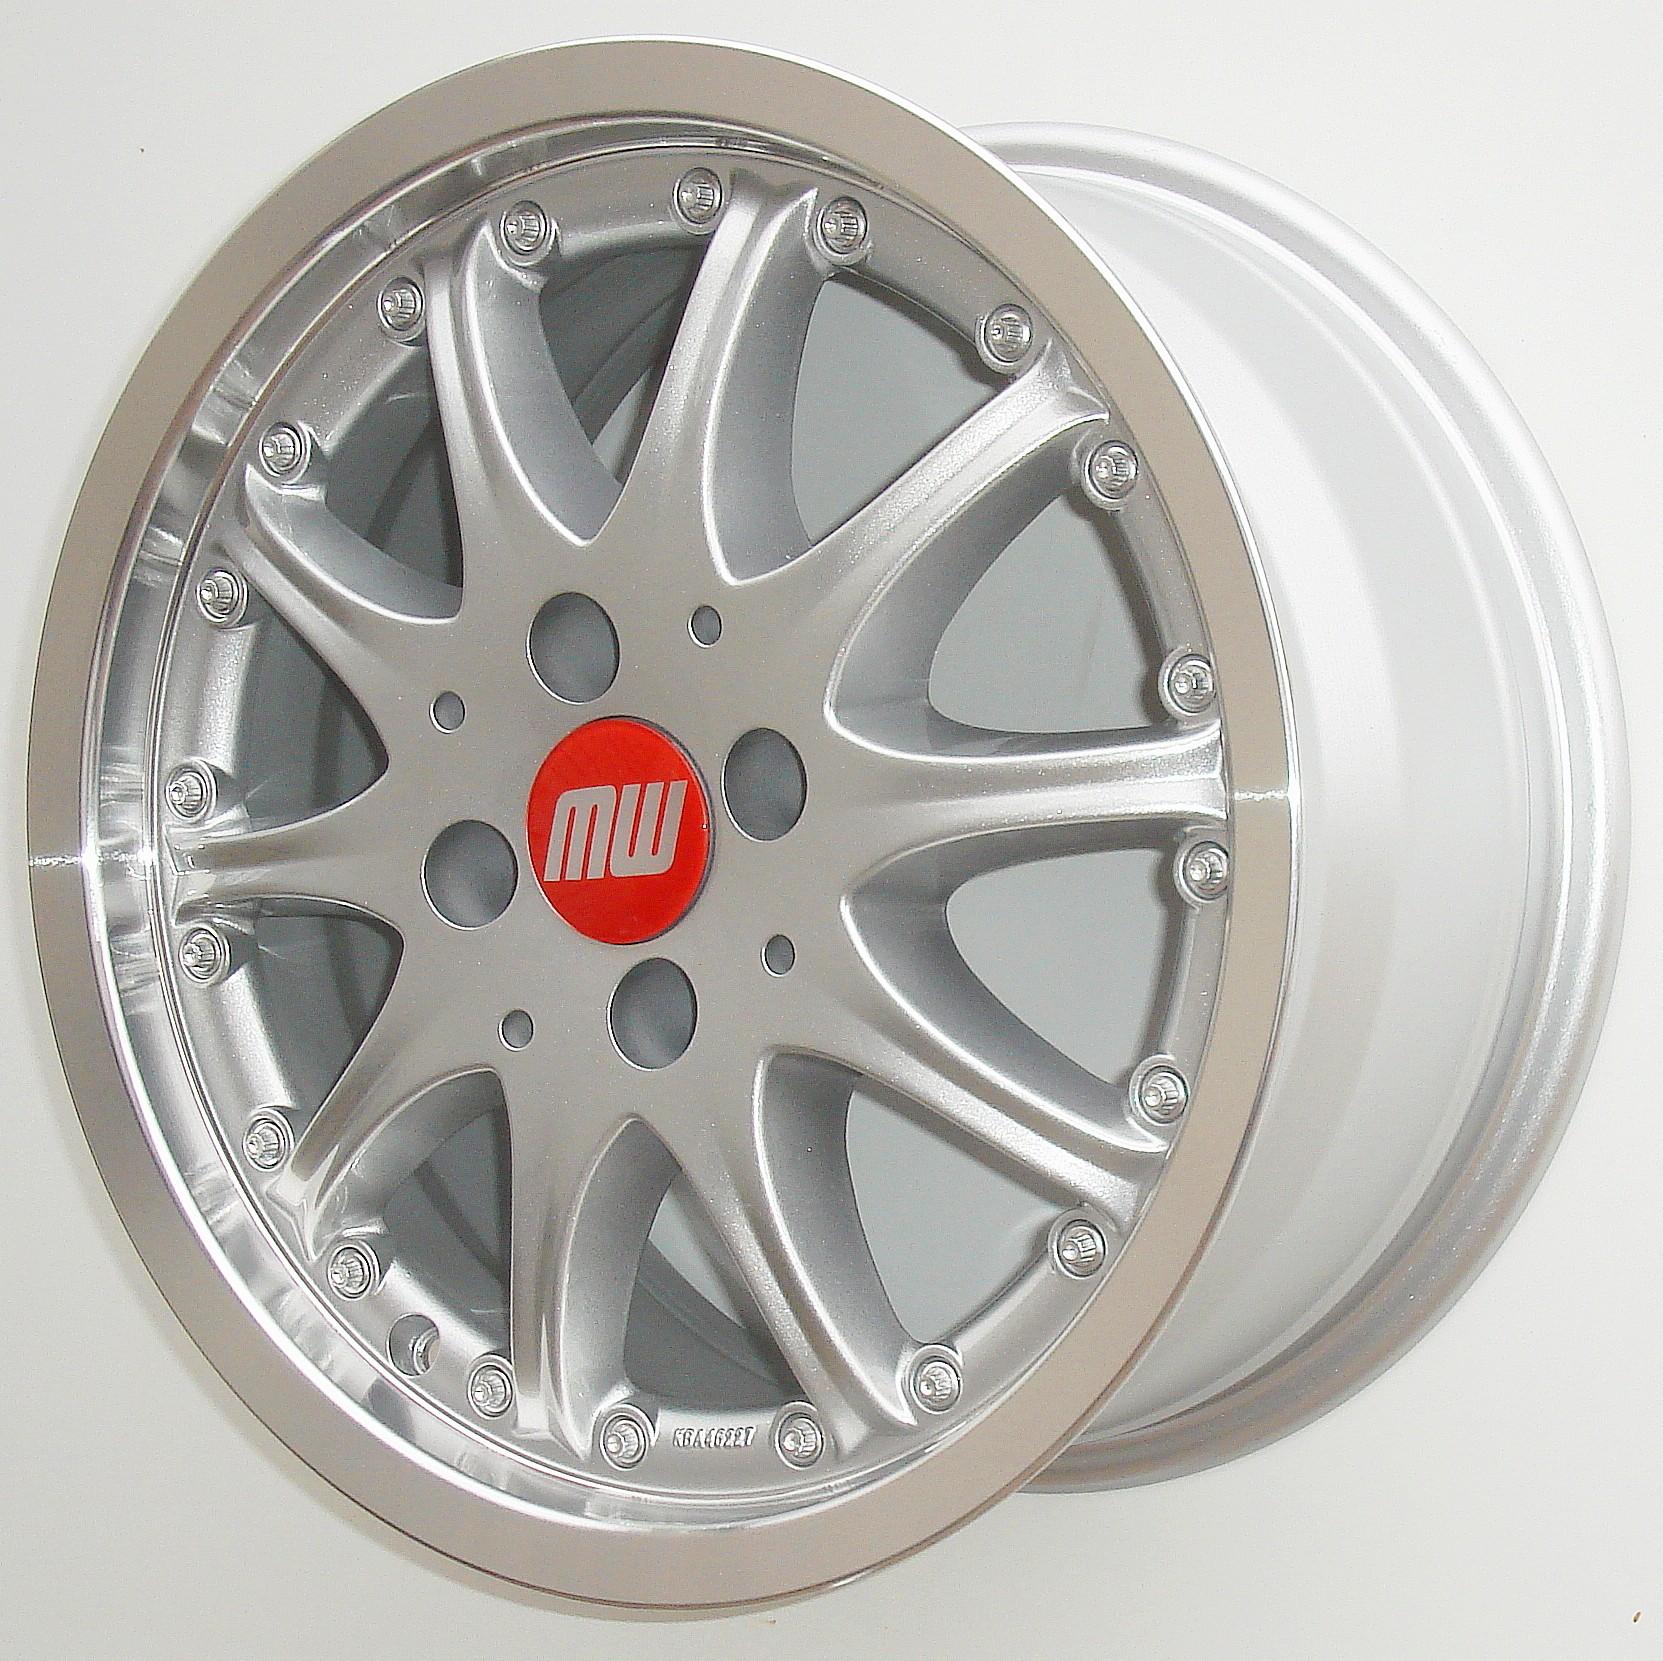 TS-Rad 7X15 4/100 ET38 silber metallic/hornkopiert  -  zulässige Reifengrössen: 185/60R15, 195/55R15 mit ABE